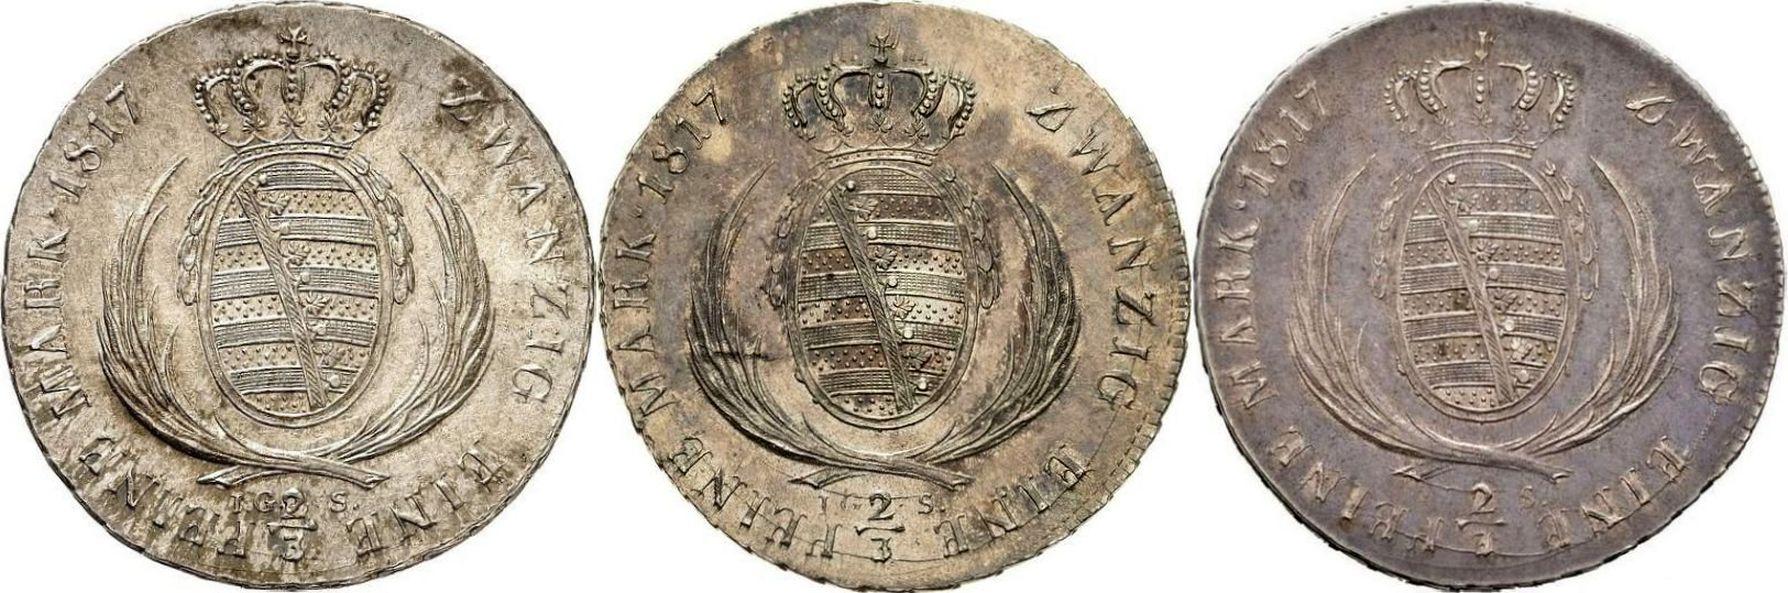 Vergleich 1817.jpg